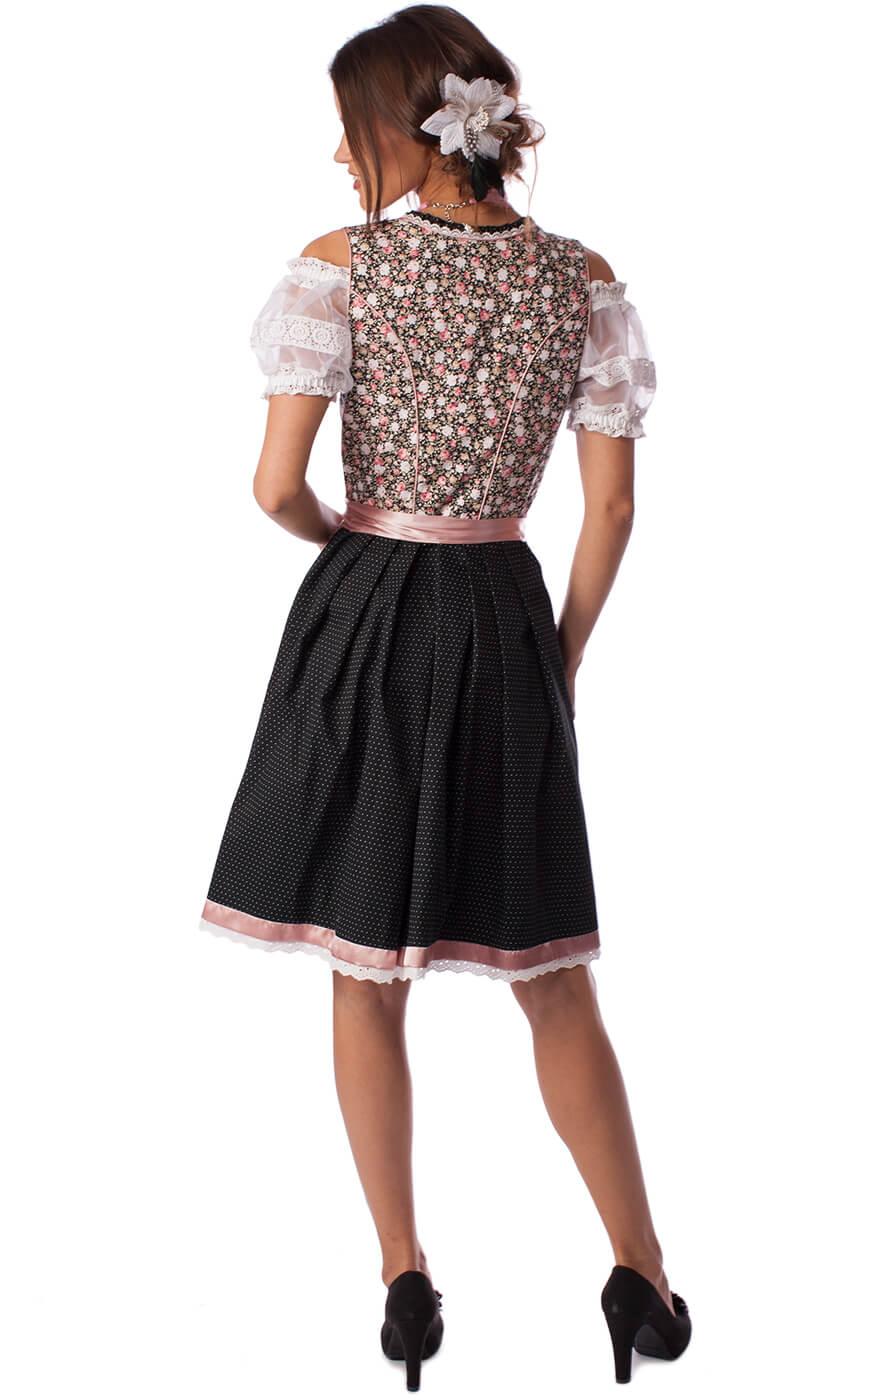 weitere Bilder von Midi Dirndl Sleek 2tlg. 60cm schwarz rose